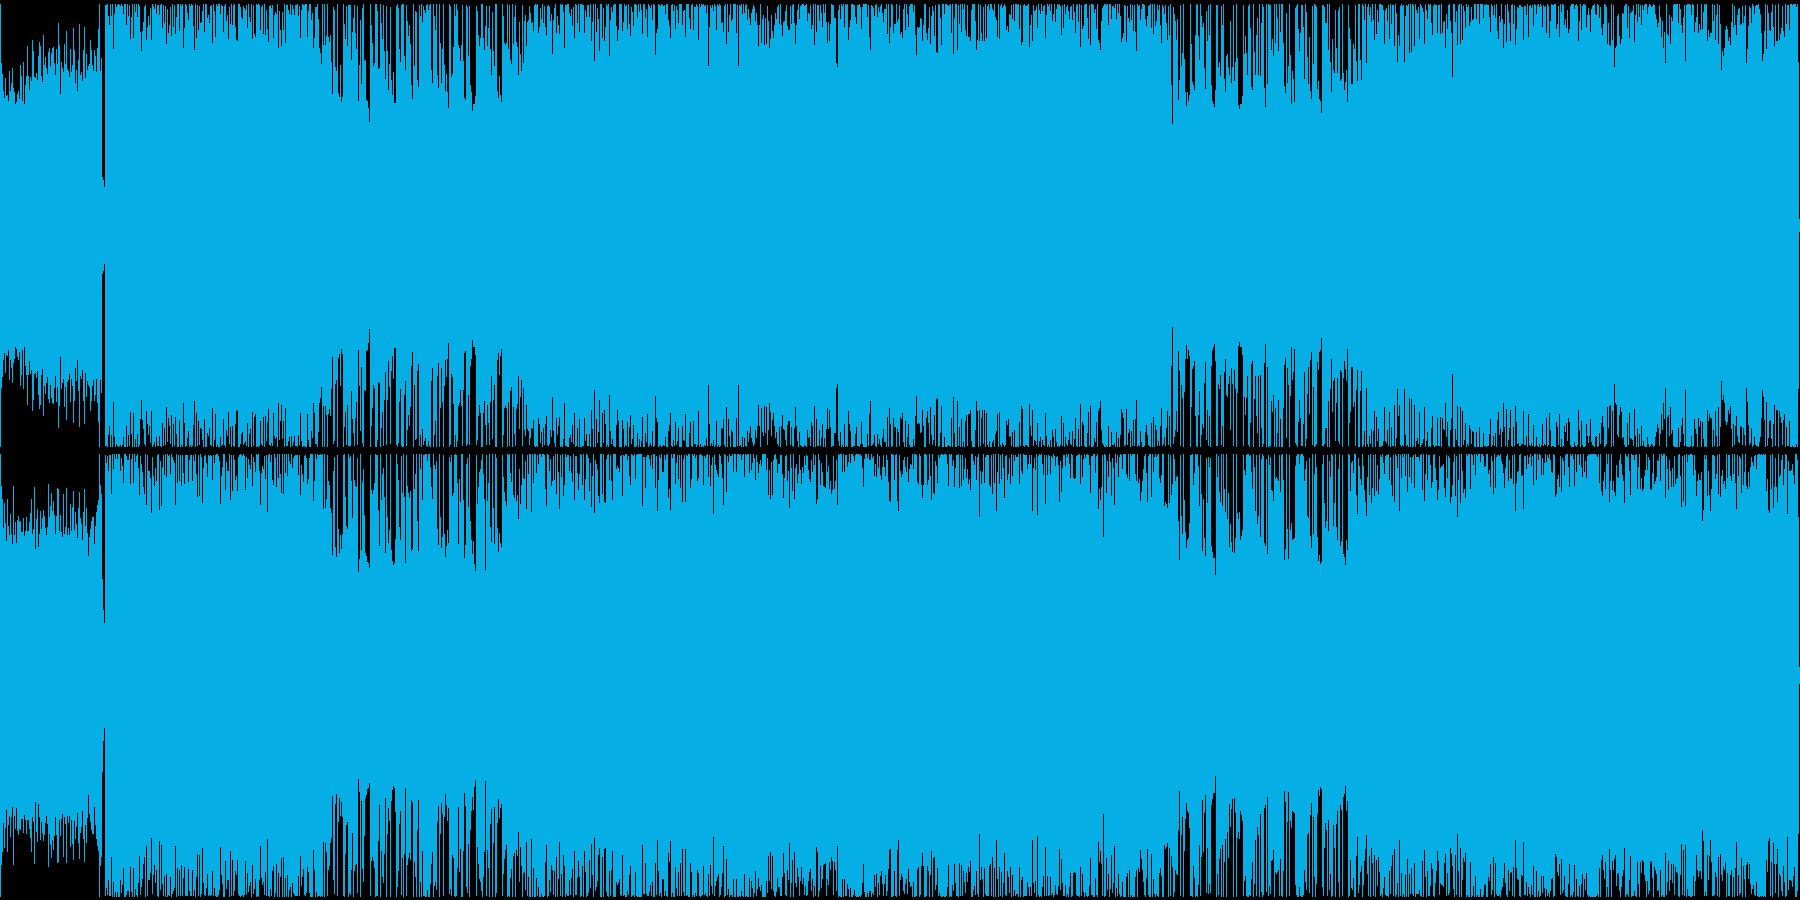 攻撃的で激しく重厚なヘヴィメタルループの再生済みの波形